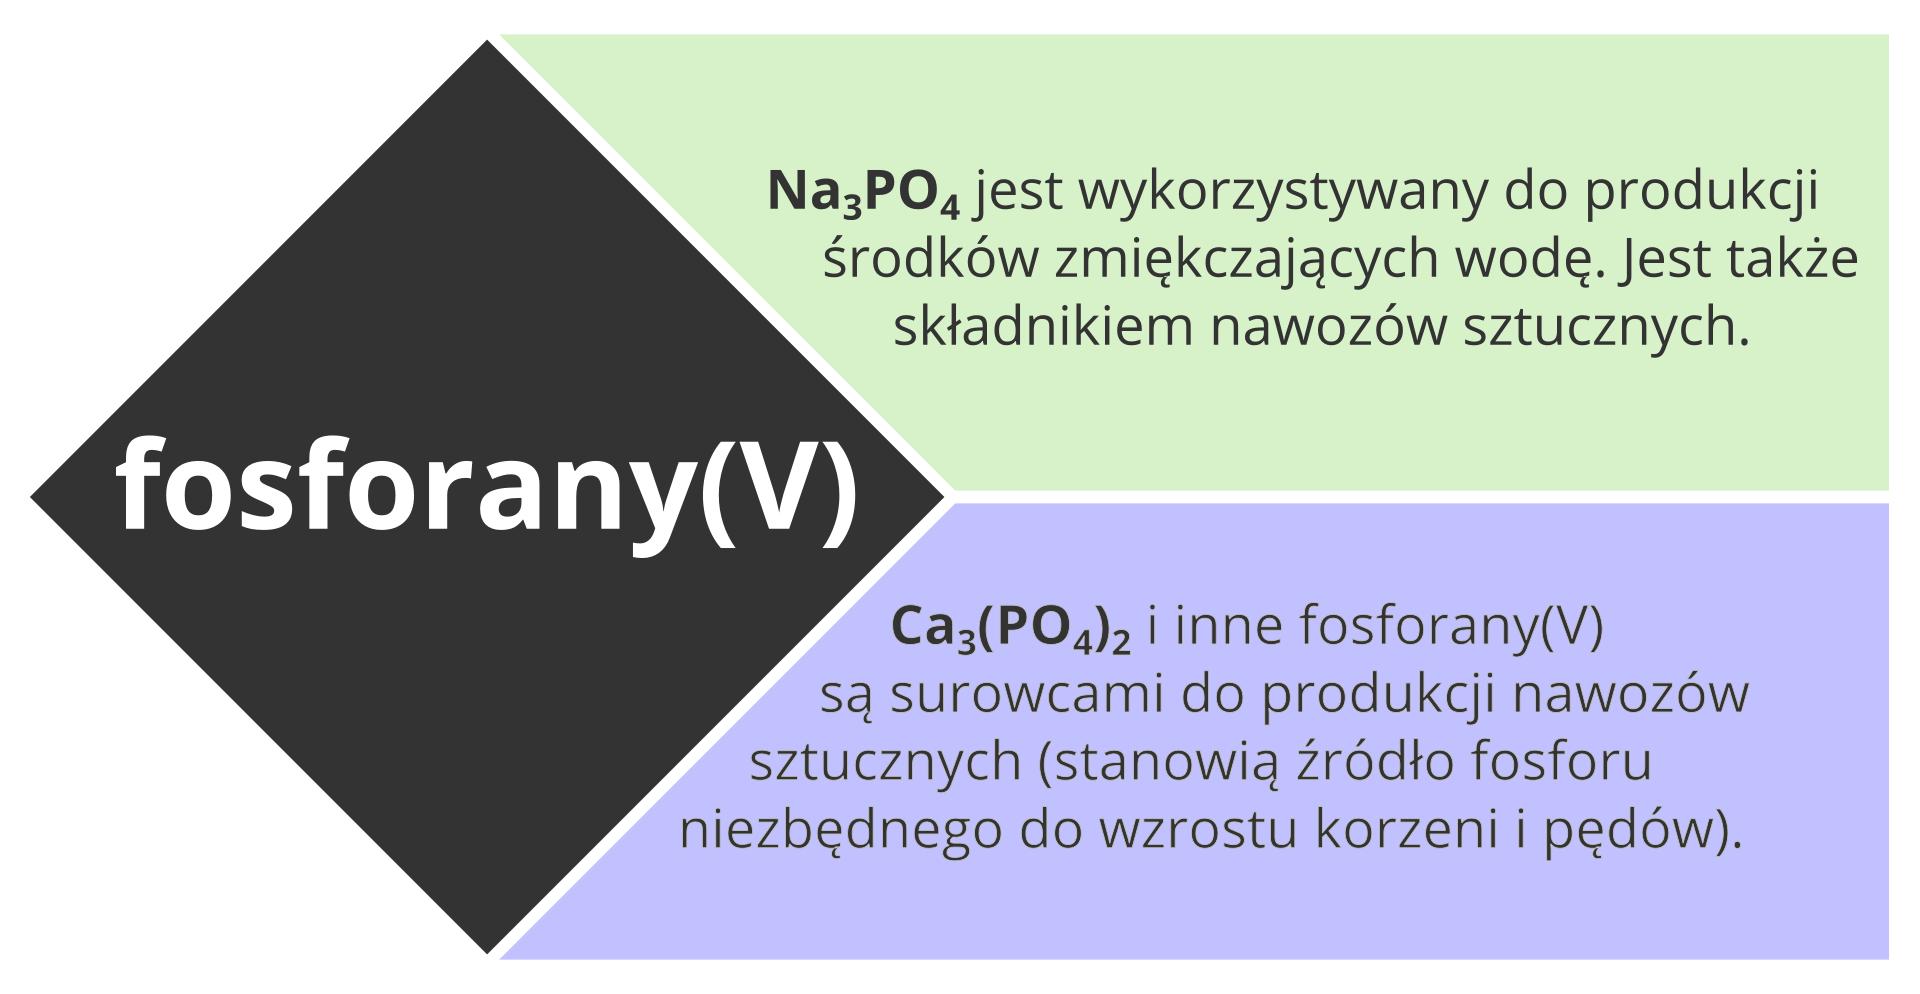 Ilustracja przedstawia wsposób ogólny najczęściej wykorzystywane fosforany. Zlewej strony centralnej części infografiki znajduje się odwrócony oczterdzieści pięć stopni czarny kwadrat zbiałym napisem Fosforany pięć. Po jego prawej stronie znajdują się dwa umieszczone jeden nad drugim prostokątne pola tekstowe zawierające nazwy, wzory oraz krótkie opisy zastosowania. Teksty te, licząc od góry, to: NaPO4 jest wykorzystywany do produkcji środków zmiękczających wodę. Jest także składnikiem nawozów sztucznych. Cu PO4 dwa razy wzięte iinne fosforany pięć są surowcami do produkcji nawozów sztucznych. Stanowią źródło fosforu niezbędnego do wzrostu korzeni ipędów.